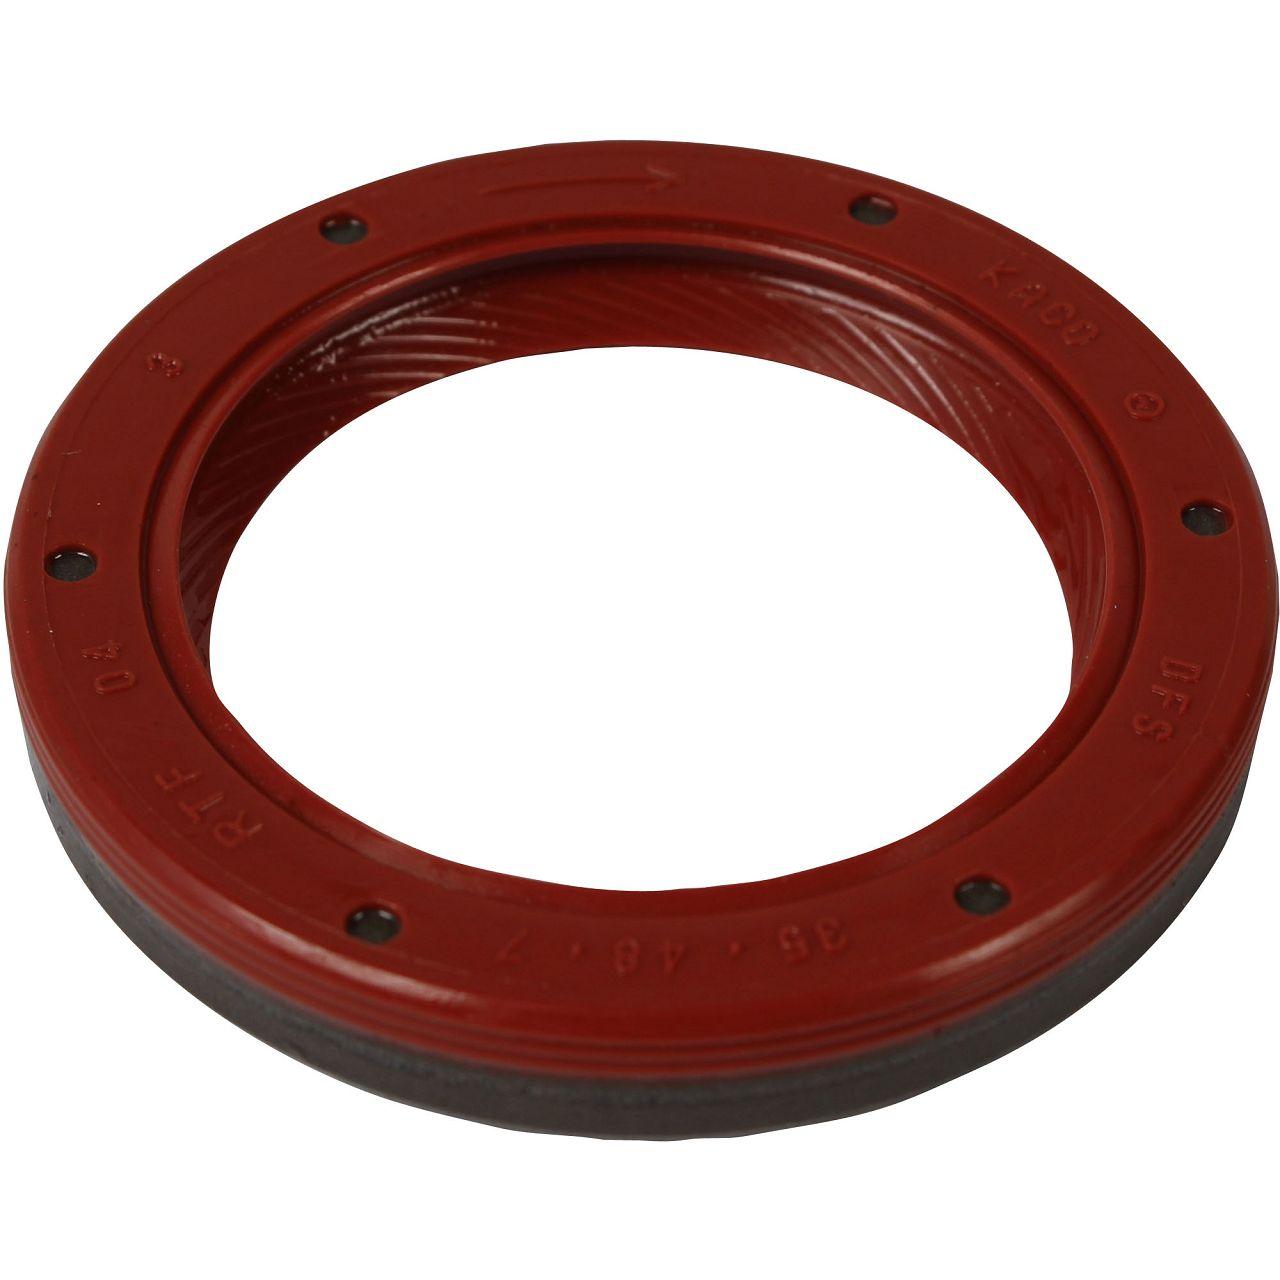 2x Wellendichtring Simmerring Nockenwelle 35x48x7 für OPEL Astra F G 5636970 / 90298390